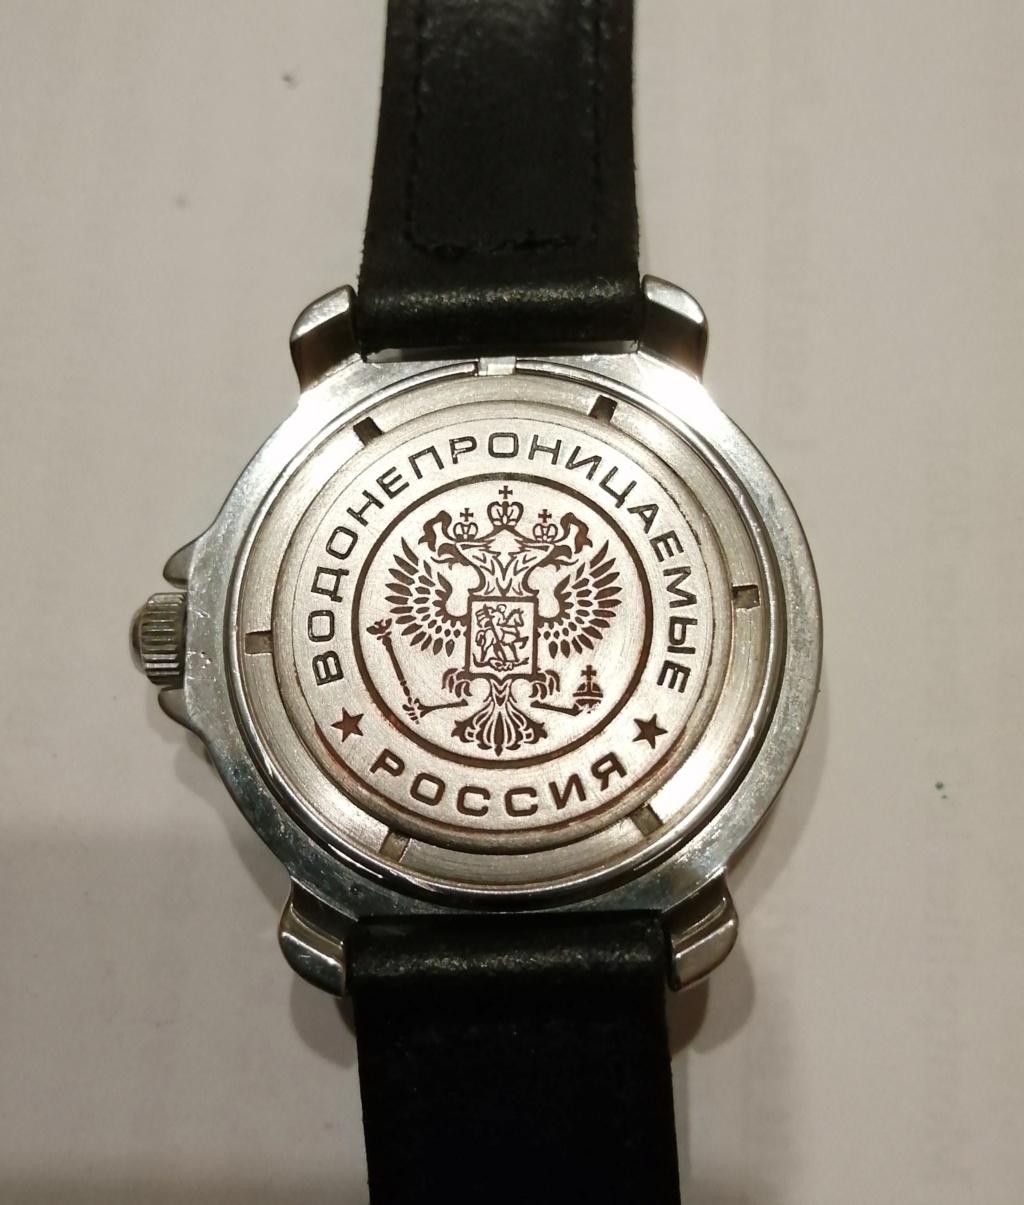 Vos montres russes customisées/modifiées - Page 14 Img_2131